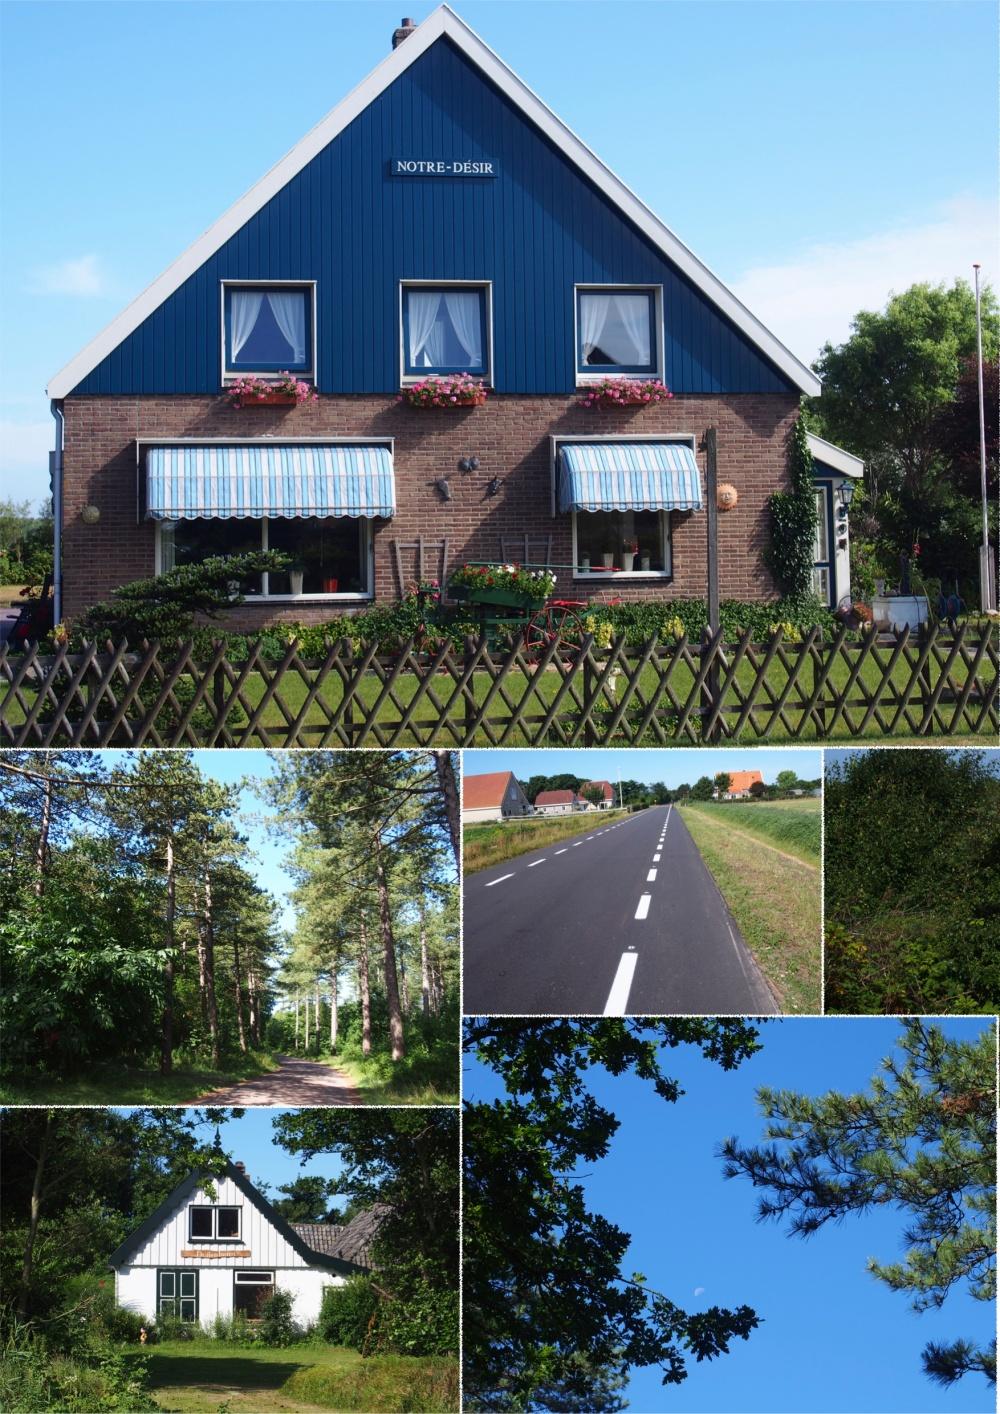 Texel - Landscapes.